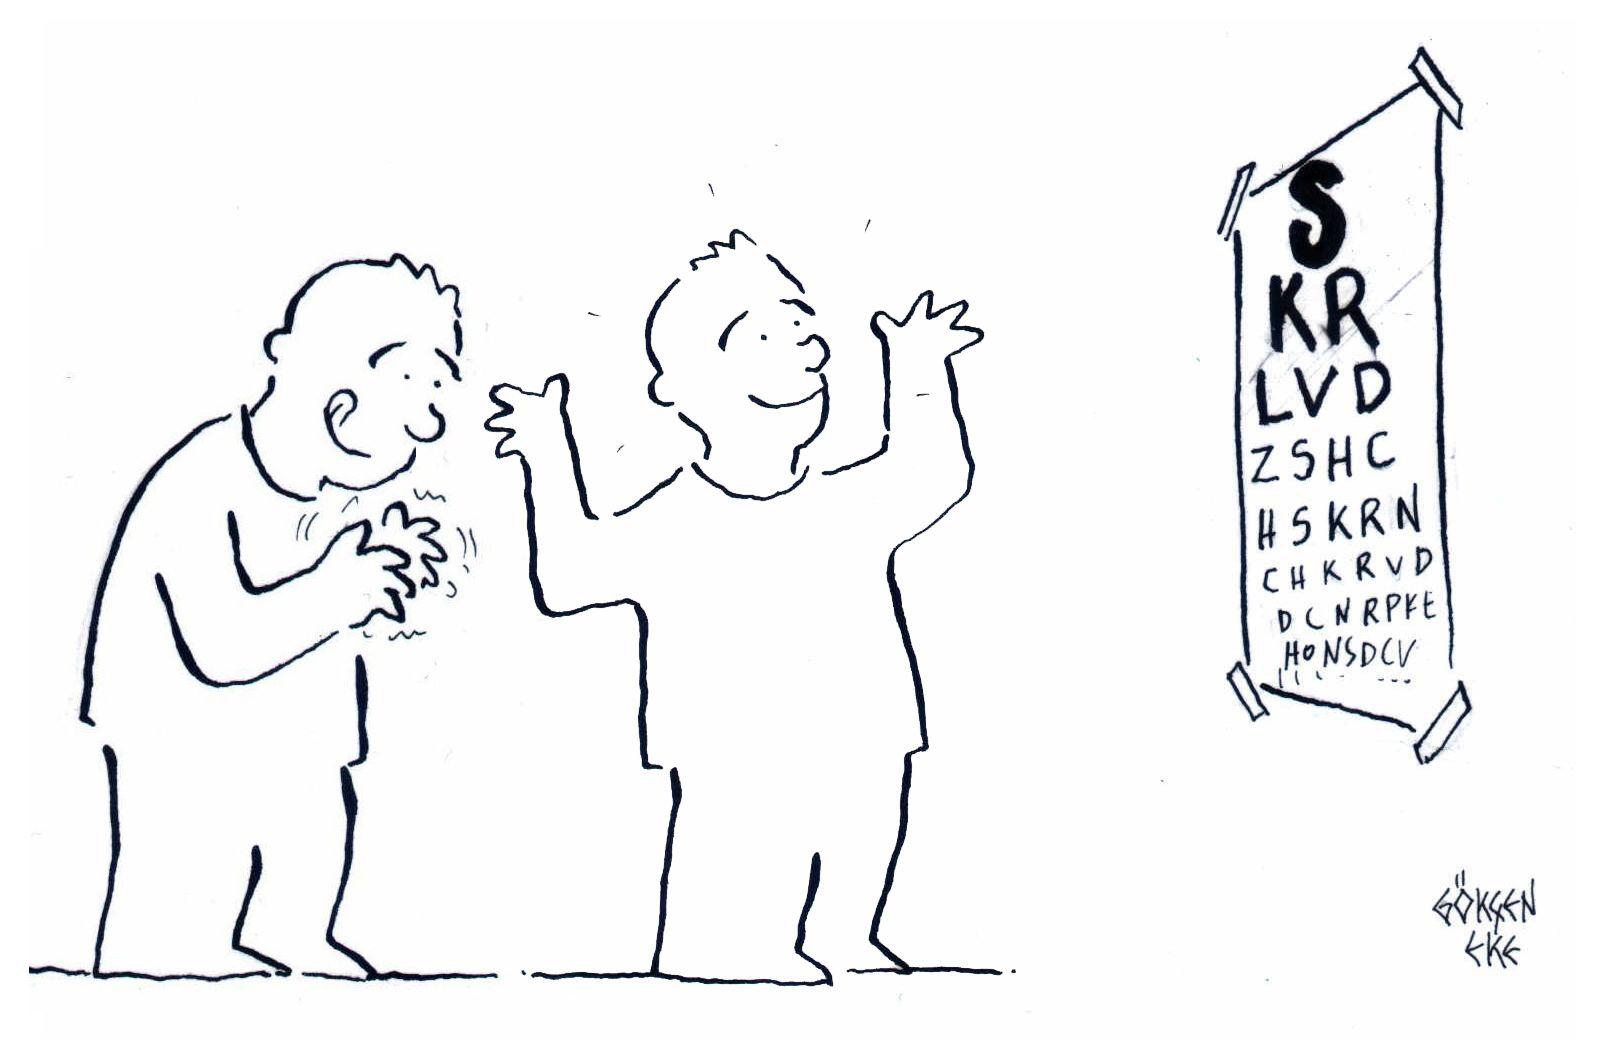 Egy szemész könyve, amely ellenőrzi a szemész látását